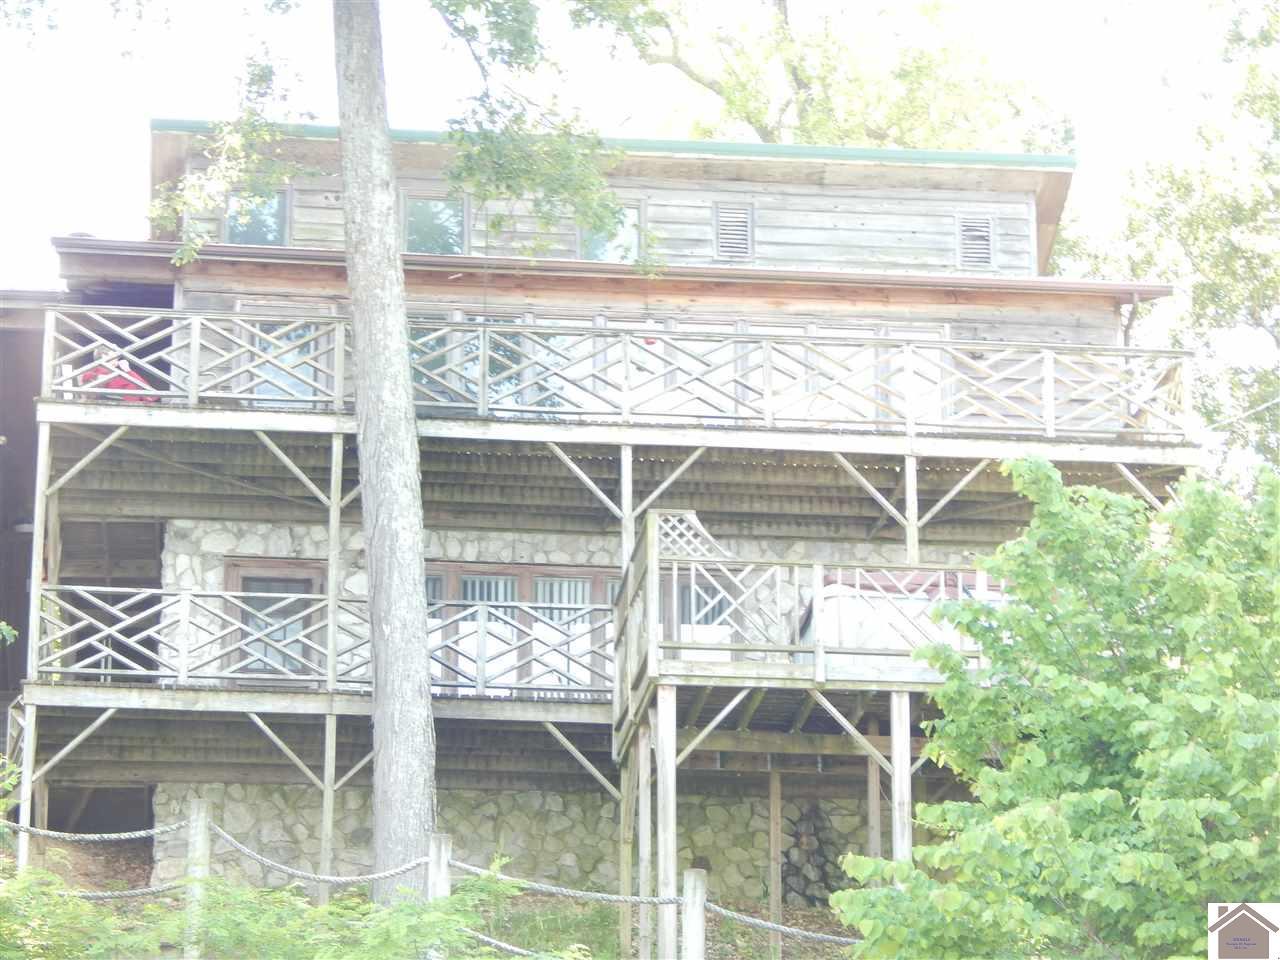 305 CASTLE DR, Gilbertsville, Kentucky